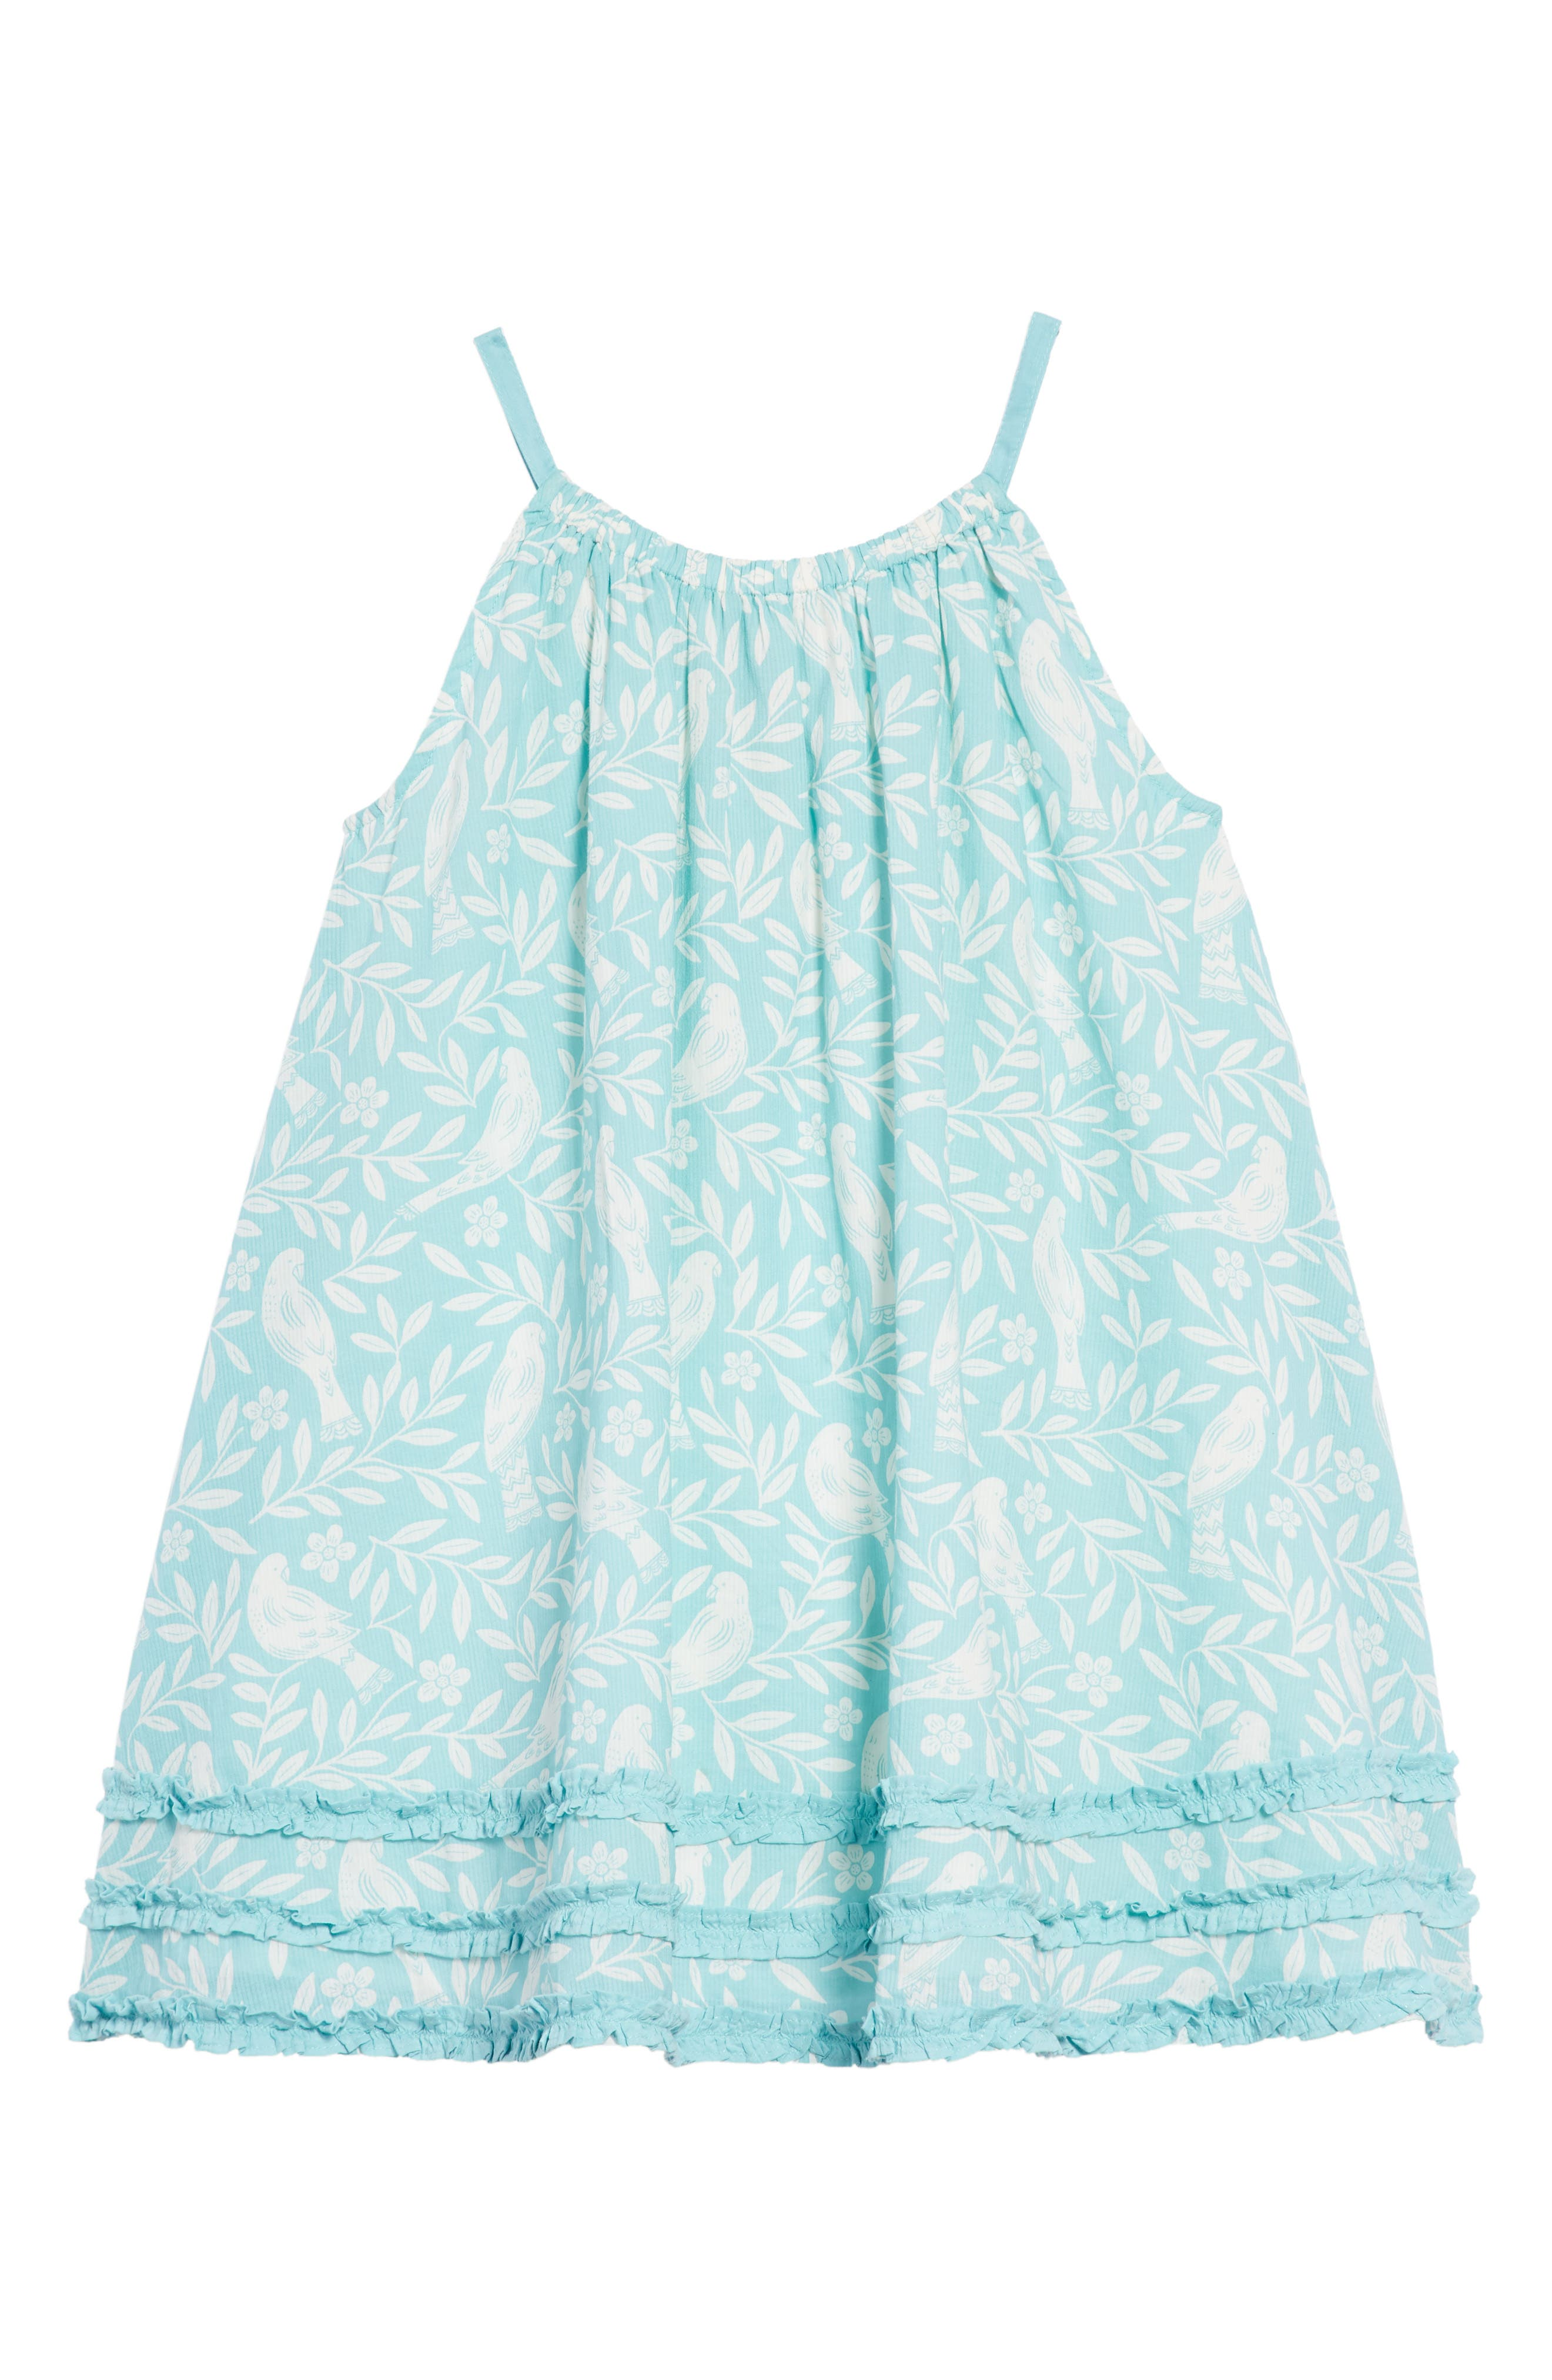 Vacation Woven Dress,                             Main thumbnail 1, color,                             454